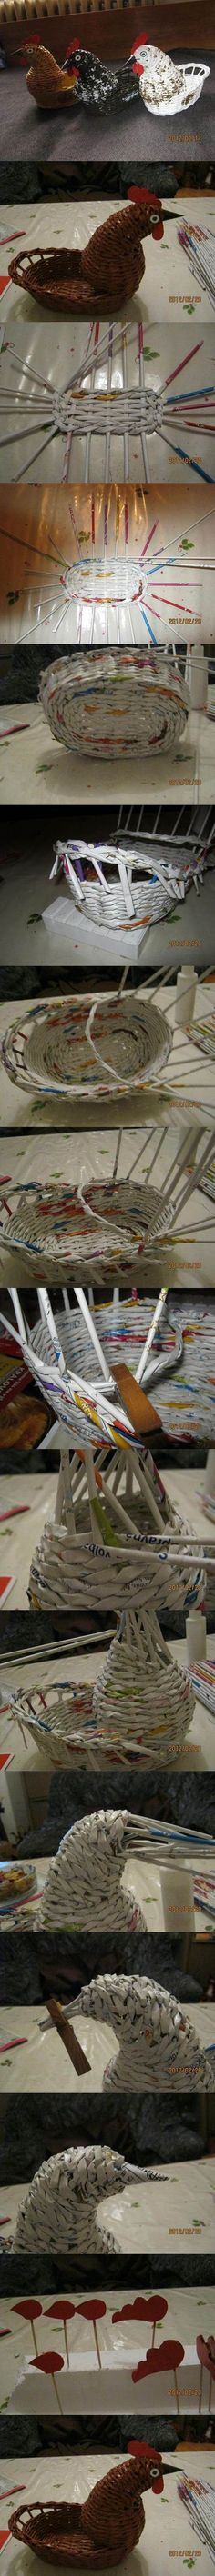 DIY Woven Paper Chicken Easter Basket | iCreativeIdeas.com Follow Us on Facebook --> https://www.facebook.com/icreativeideas: